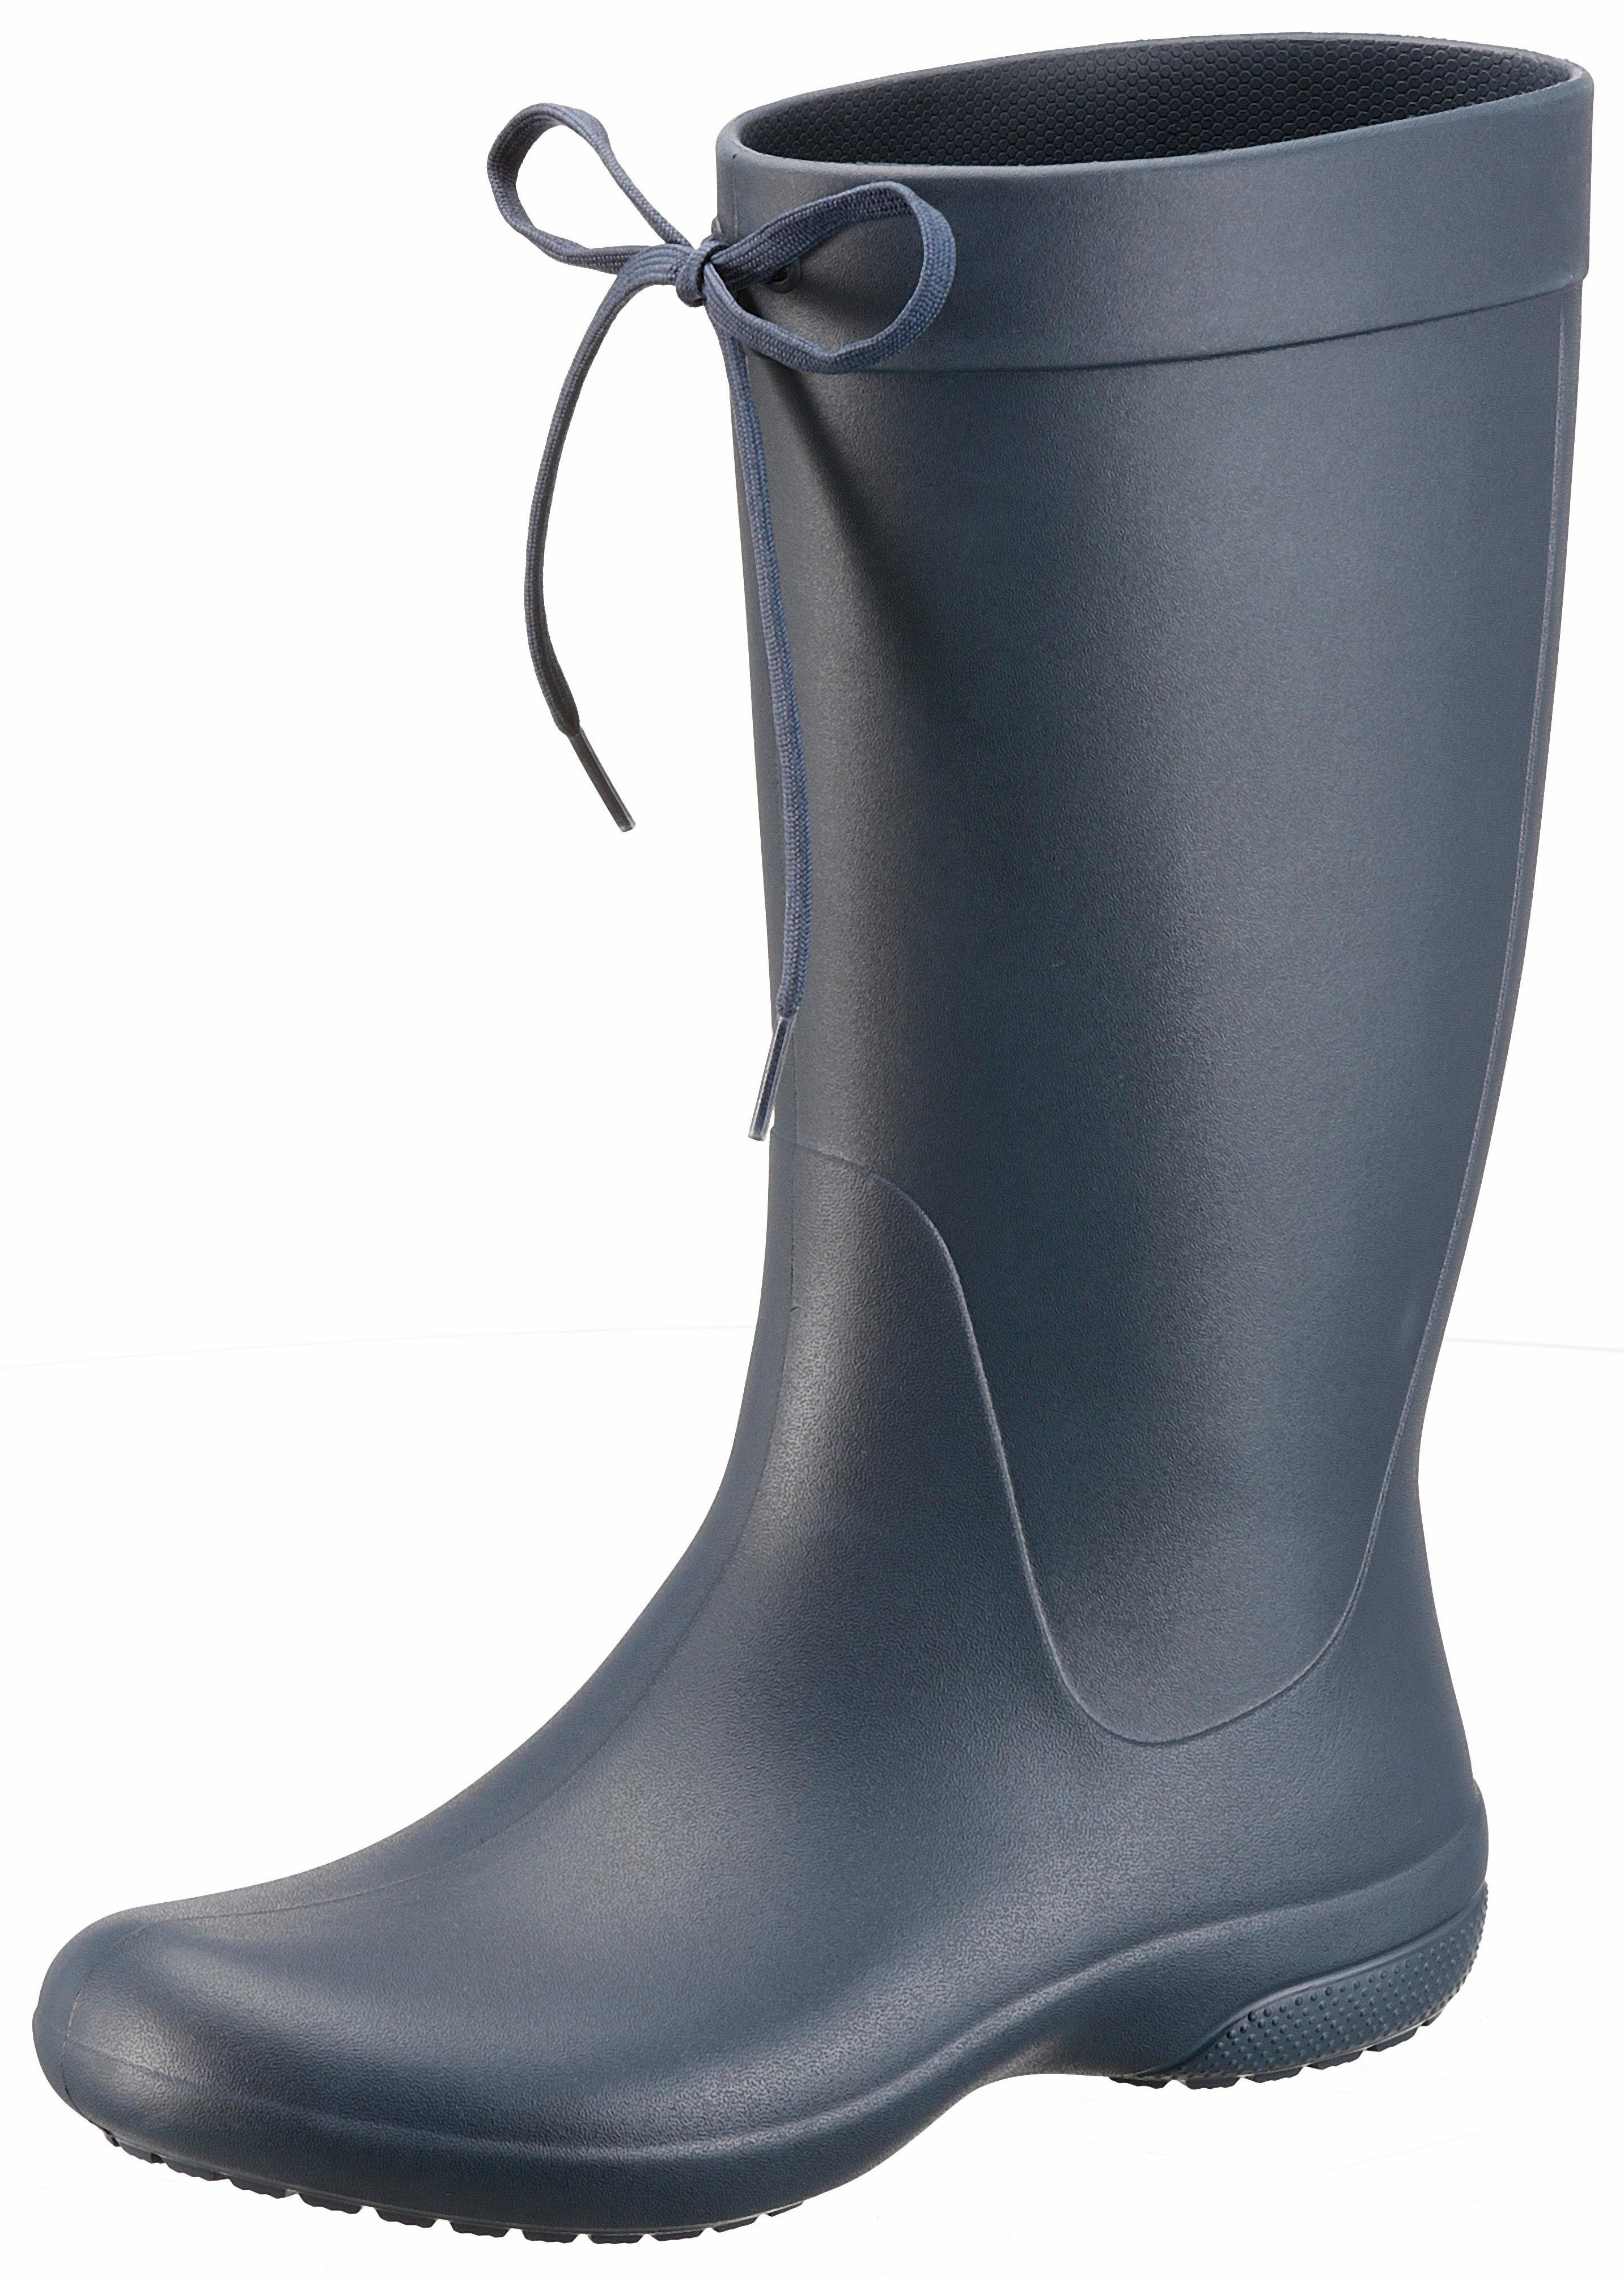 Crocs Freesail Rain Boot Gummistiefel, superleichtes Modell online kaufen  navy